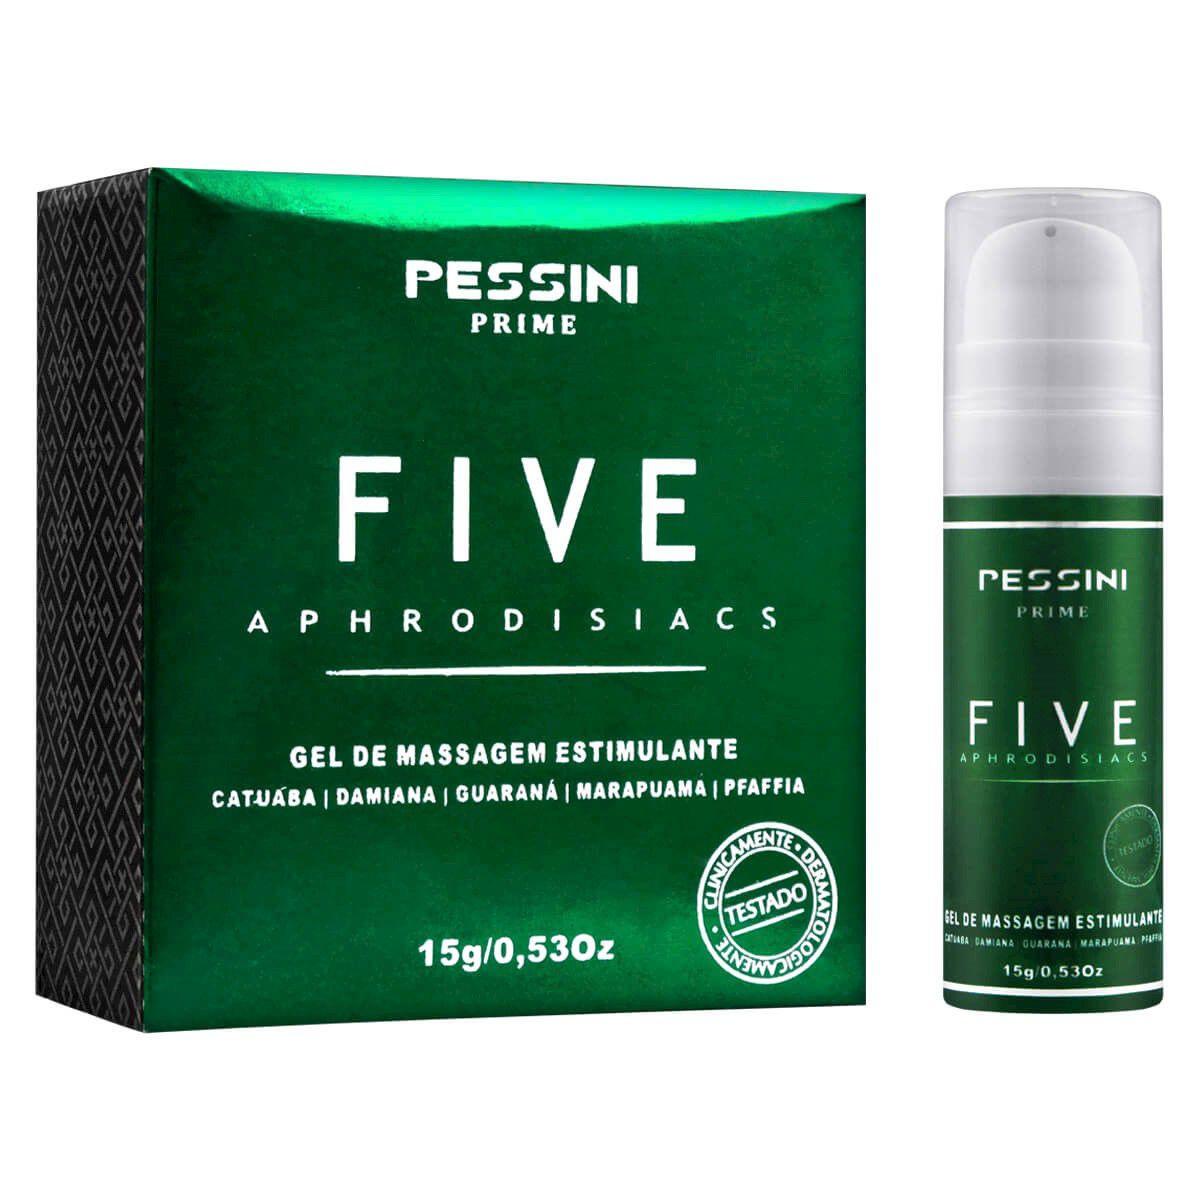 Five Aphrodisiacs Gel excitante estimulante